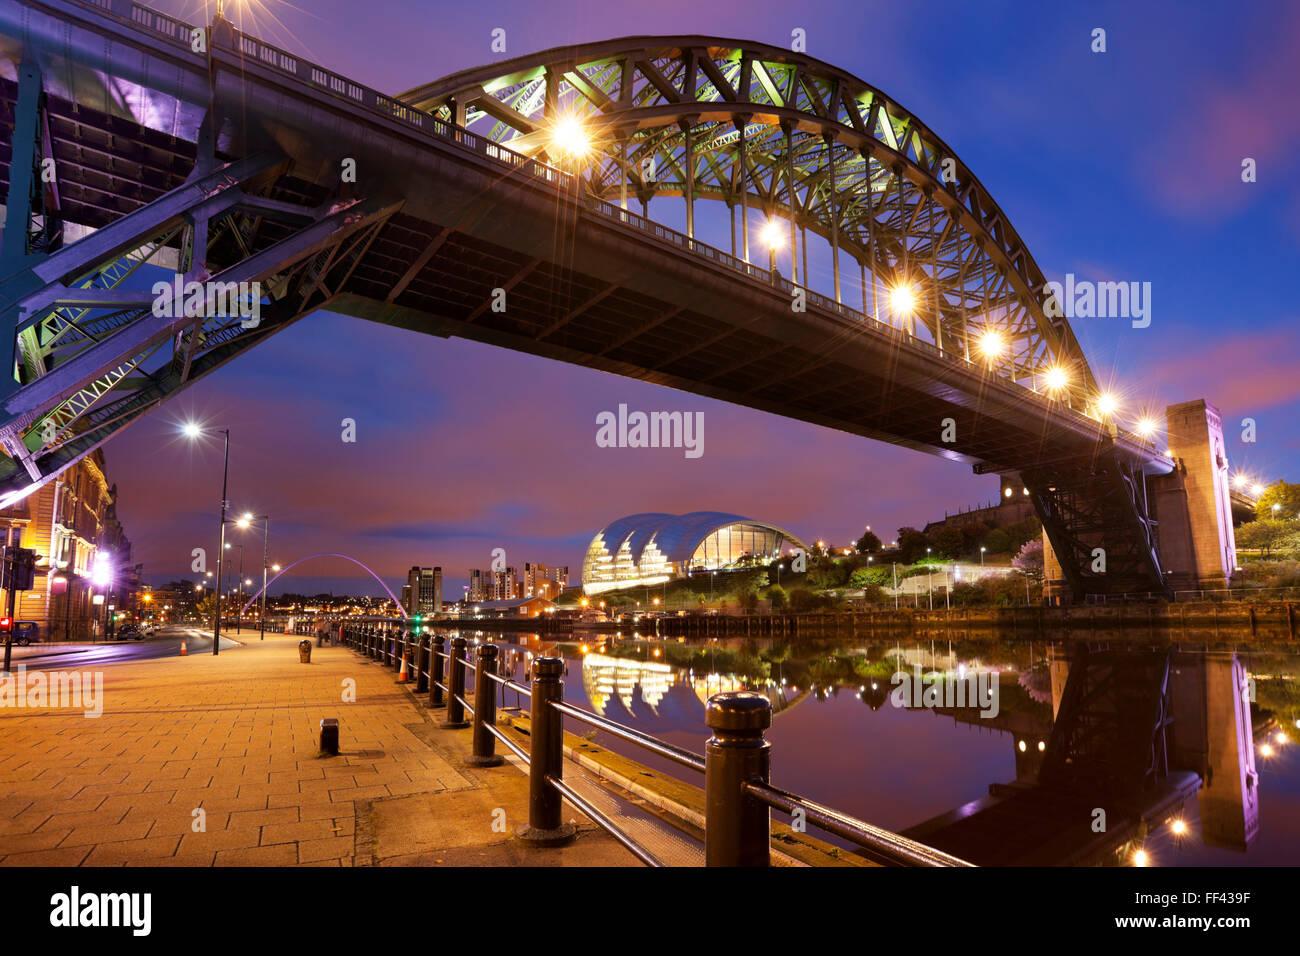 Il Tyne Bridge sul fiume Tyne di Newcastle, in Inghilterra durante la notte. Foto Stock